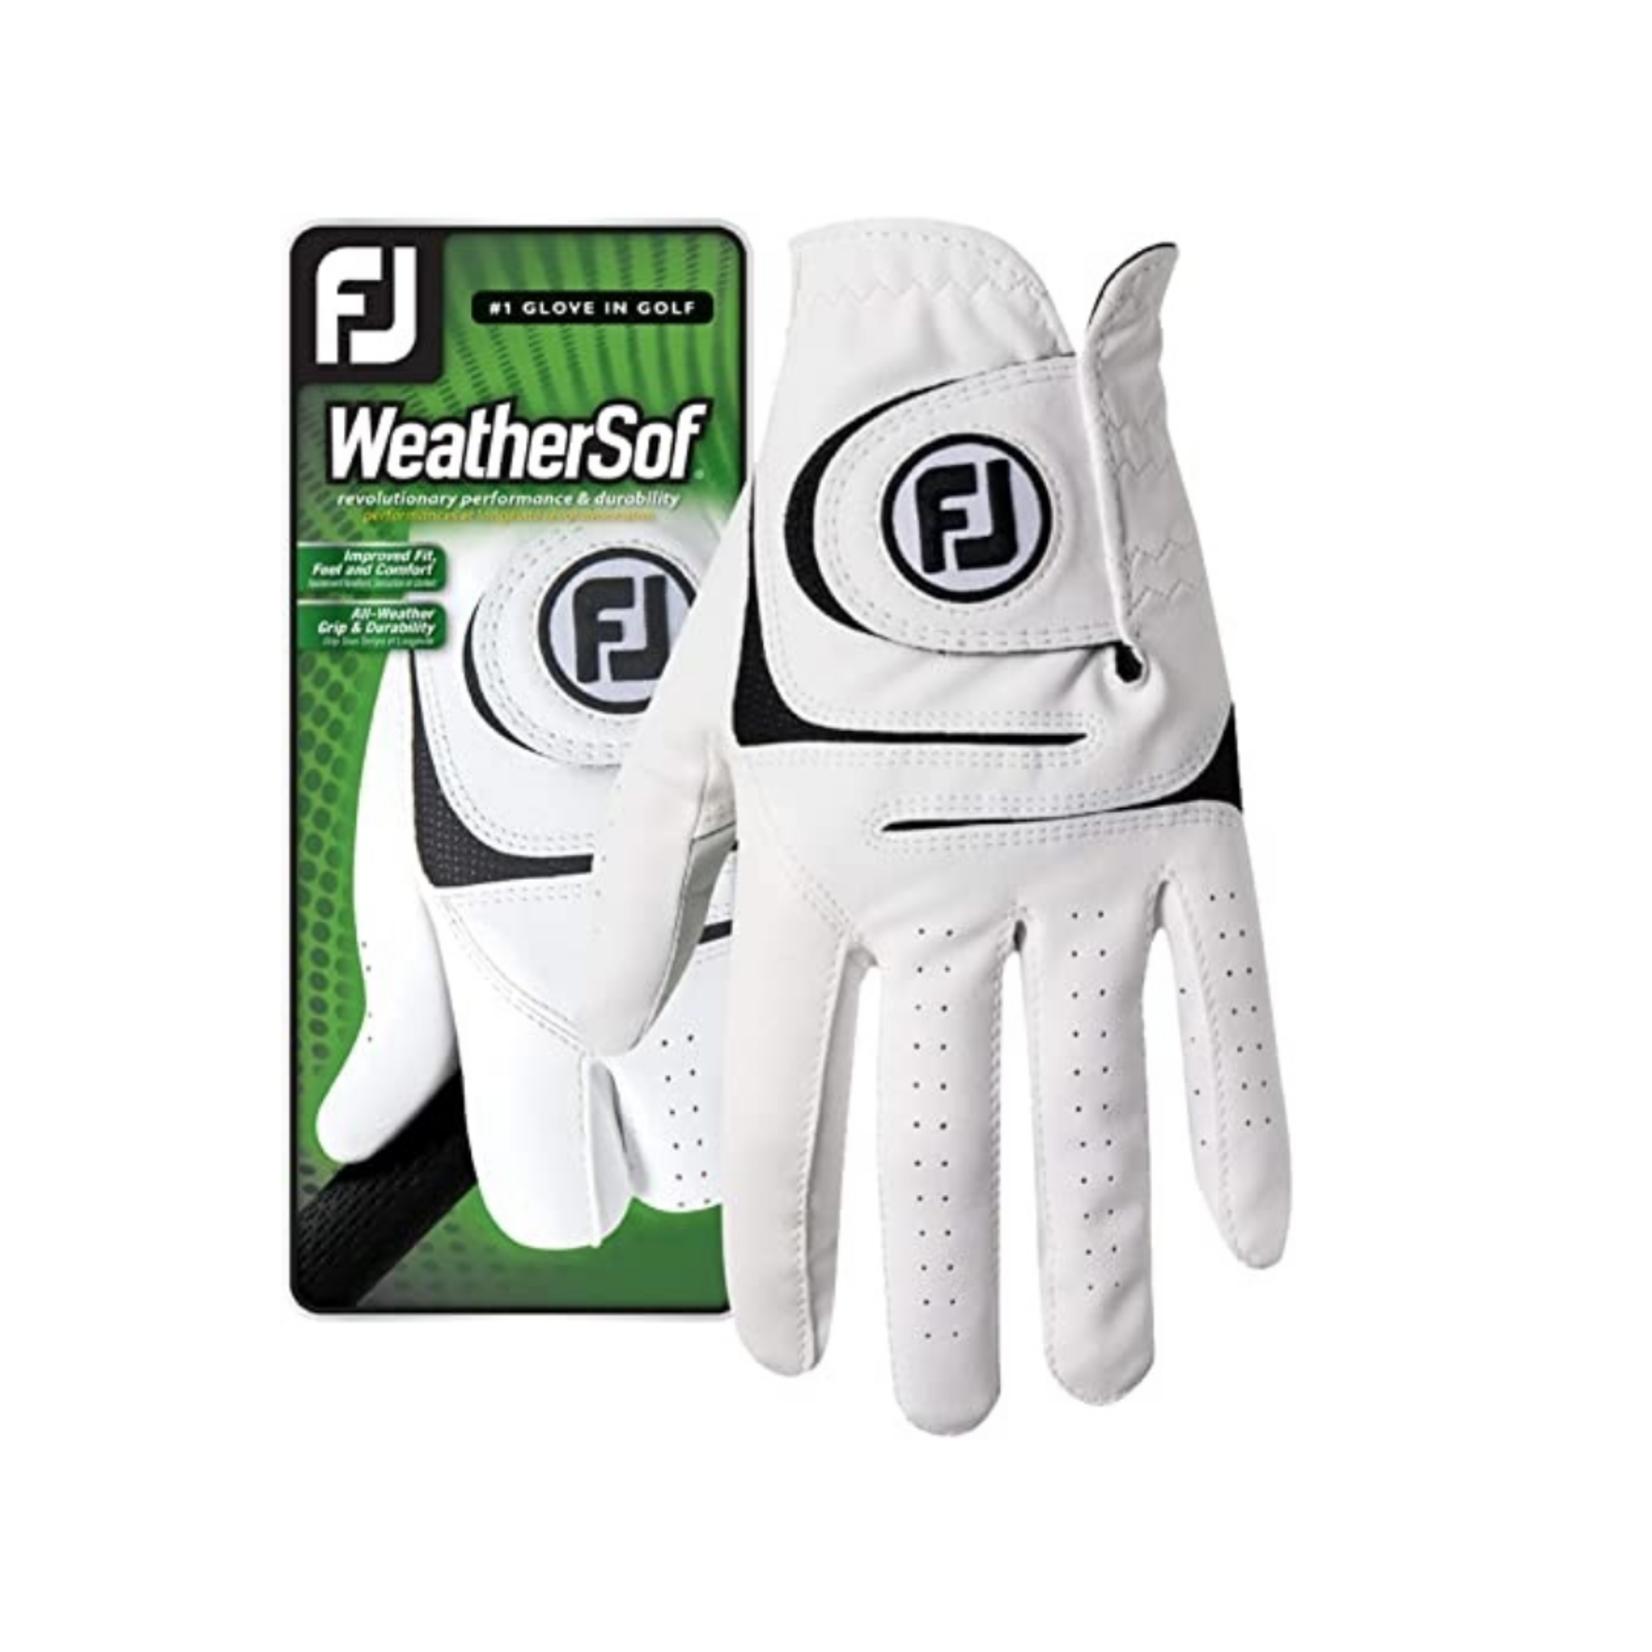 Footjoy FJ WeatherSof Men's Gloves RH